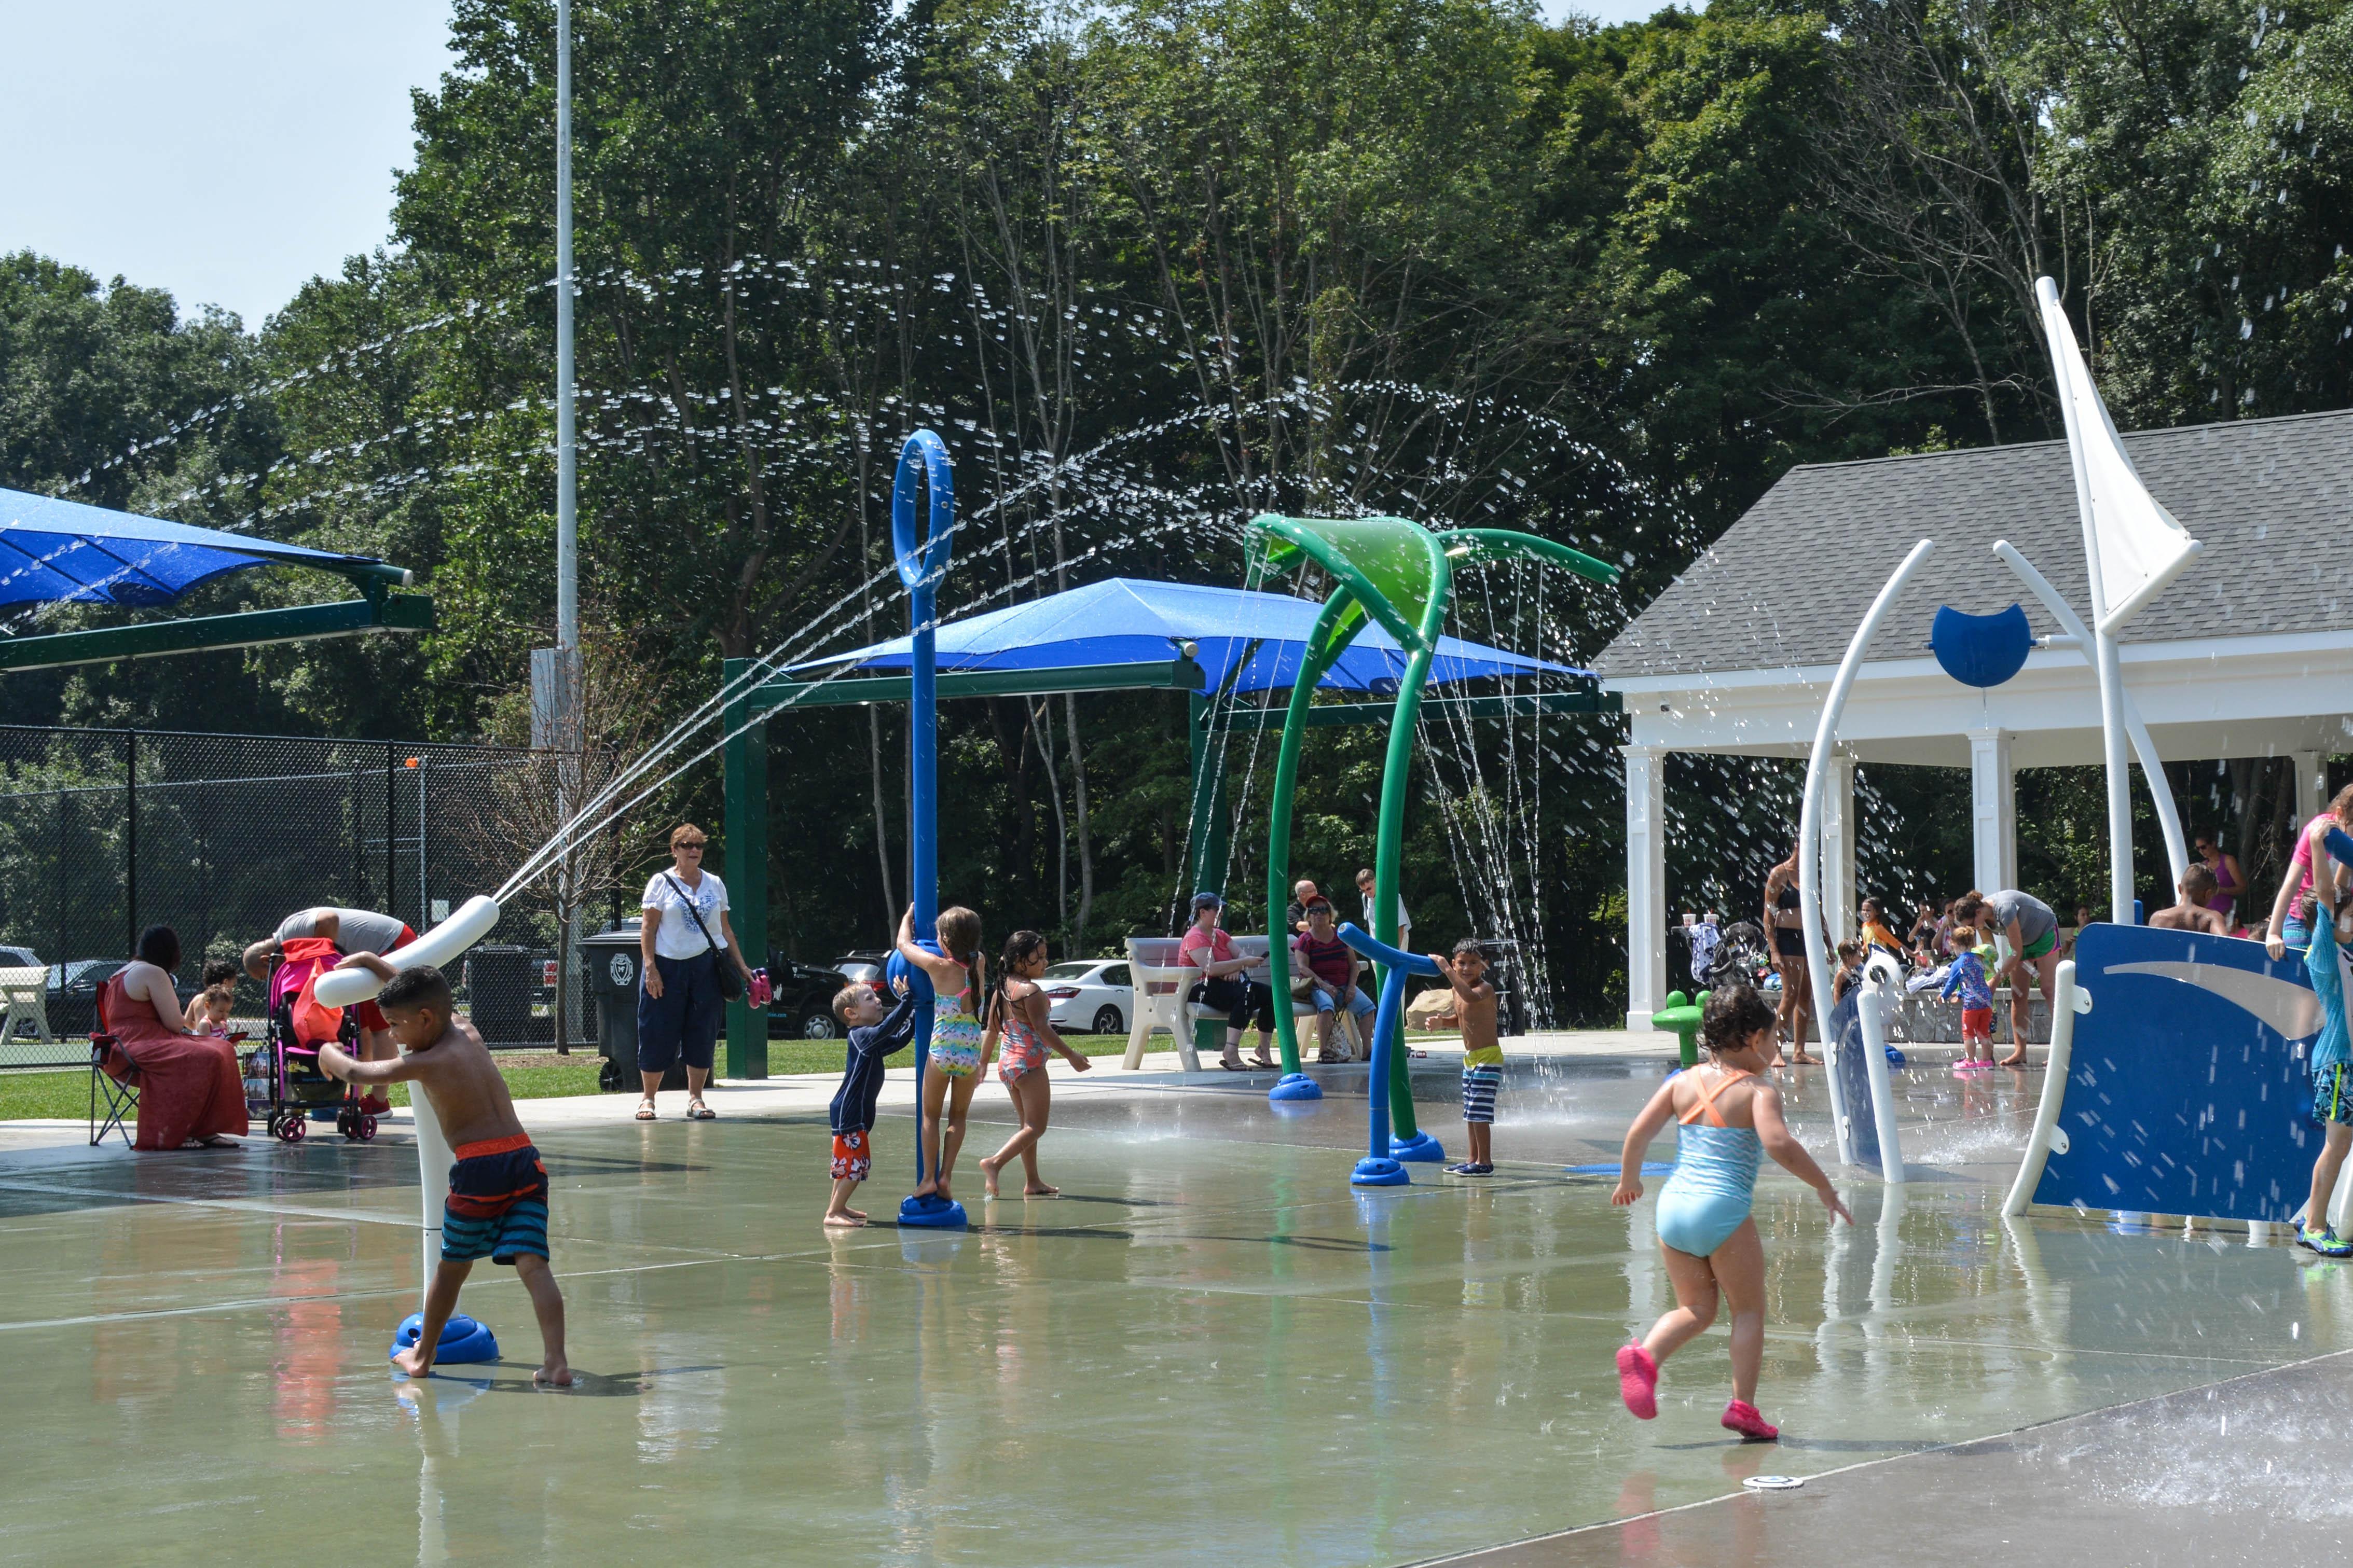 Vortex Splashpad Eisenhower Park Milford Connecticut